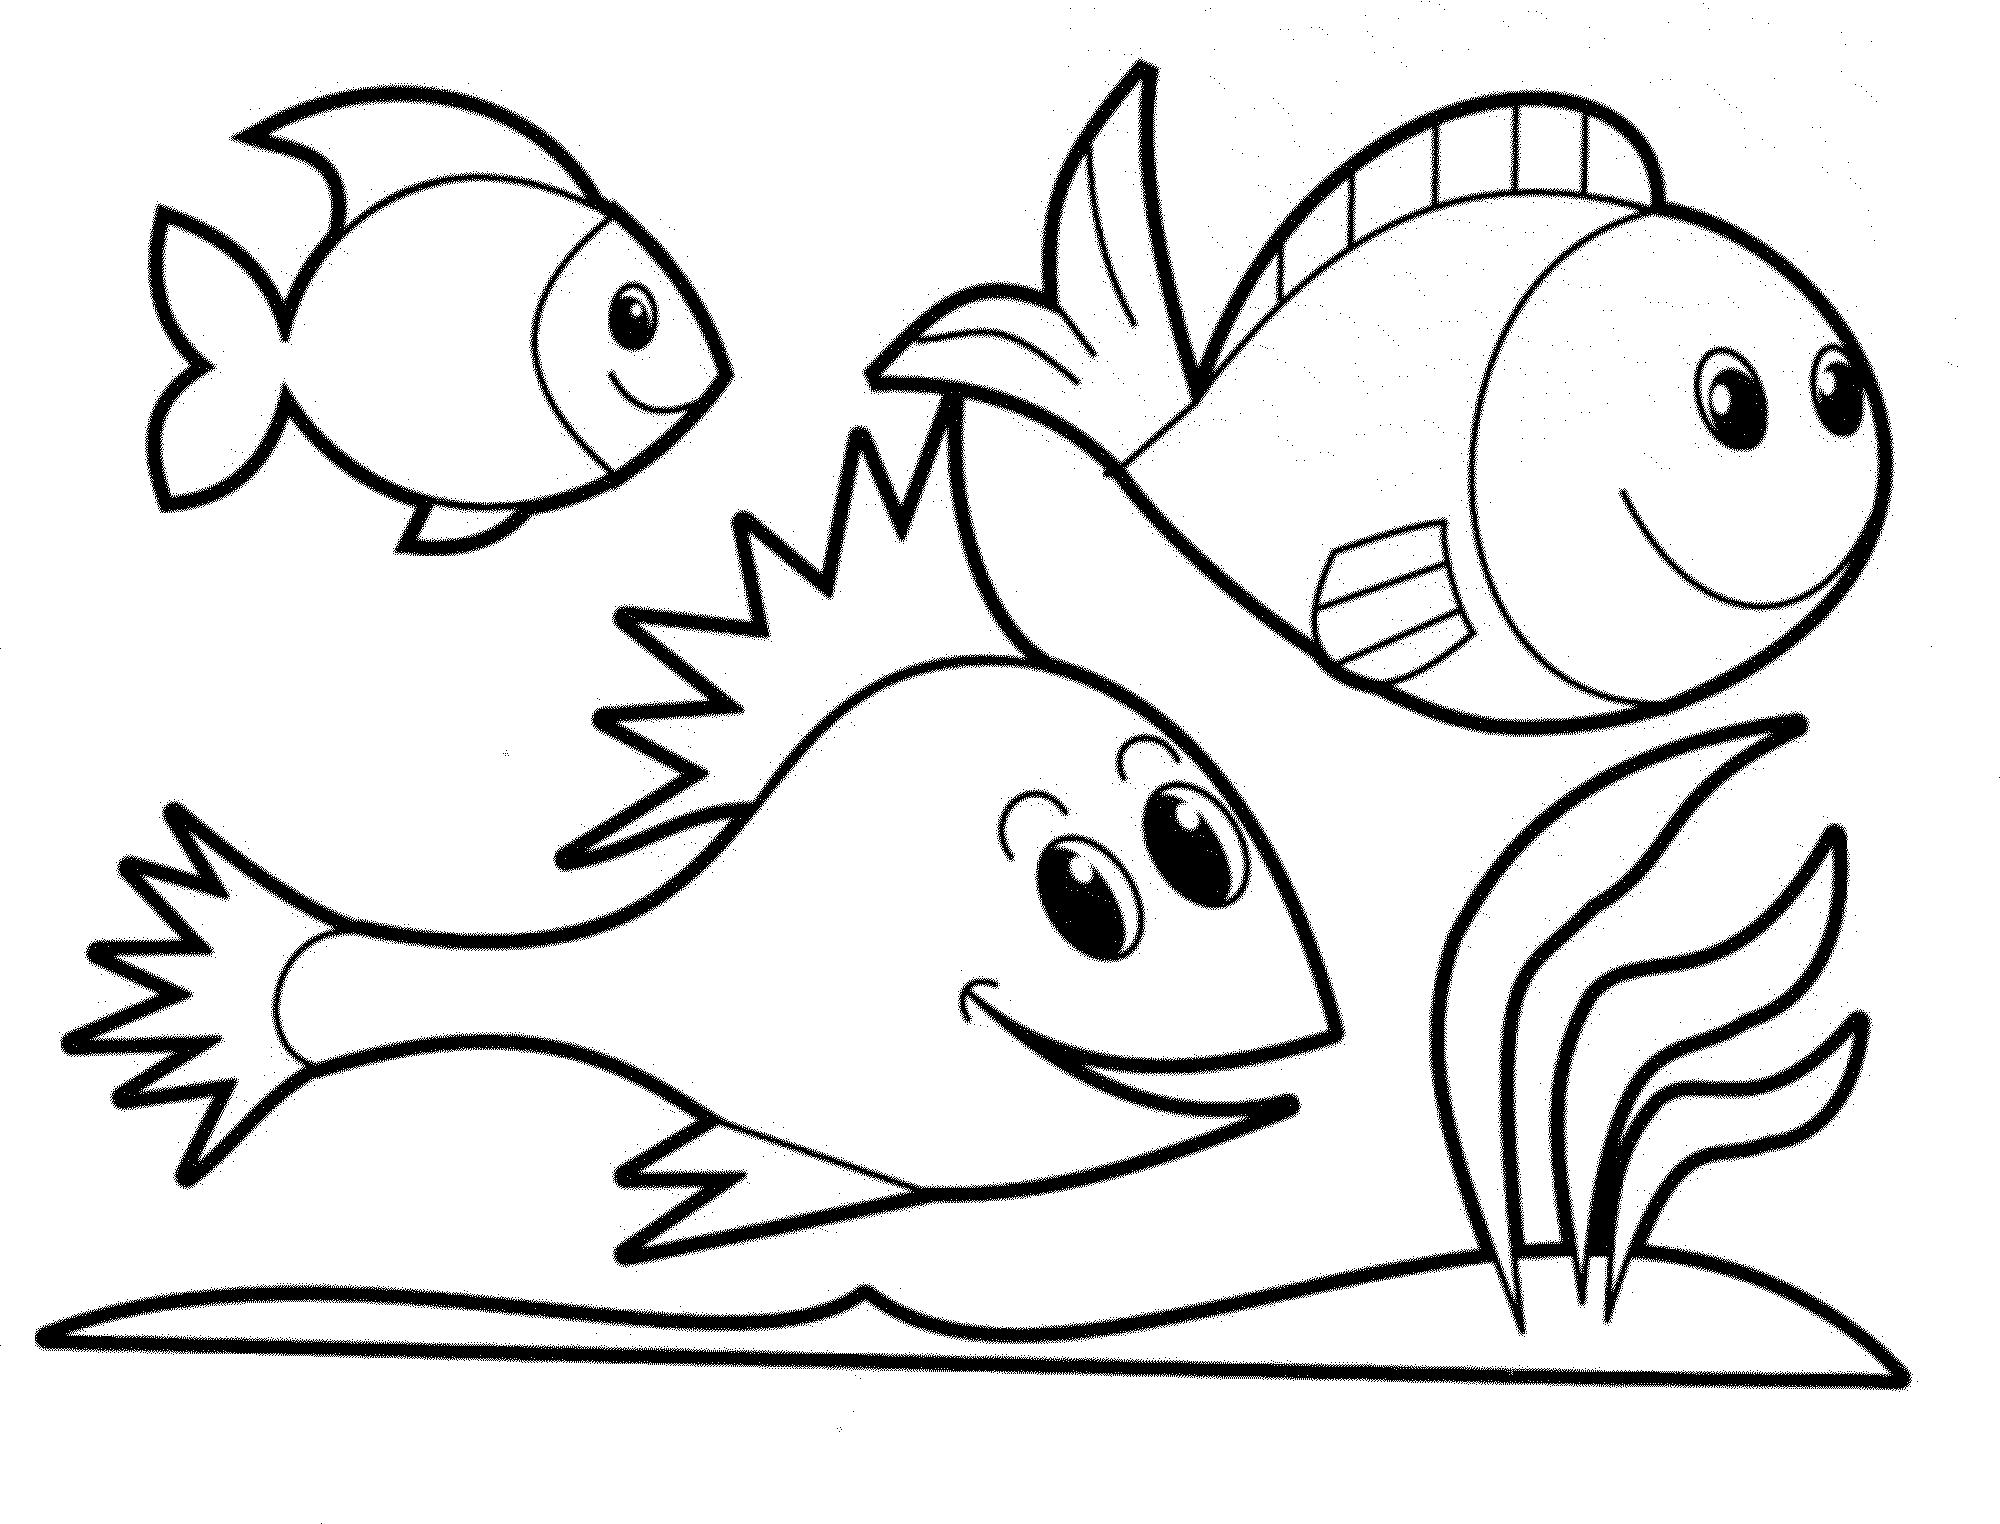 Dr Seuss Fish Images